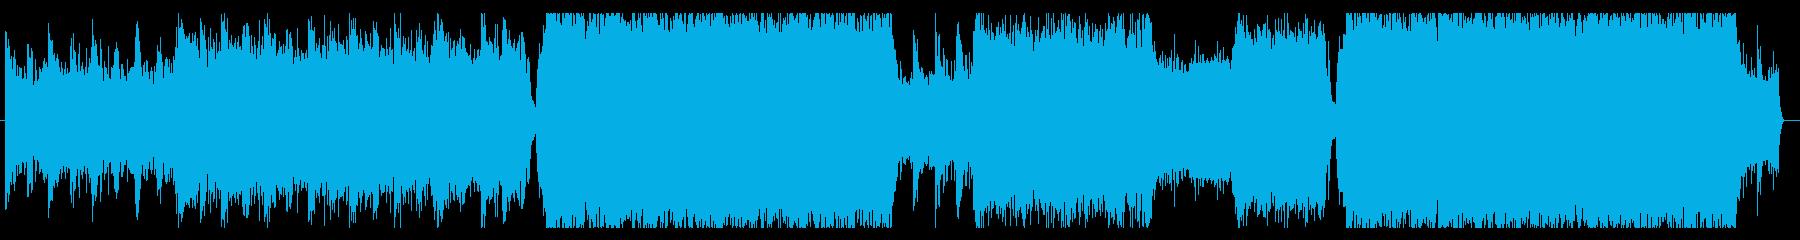 映画予告の様な壮大なオーケストラロックの再生済みの波形